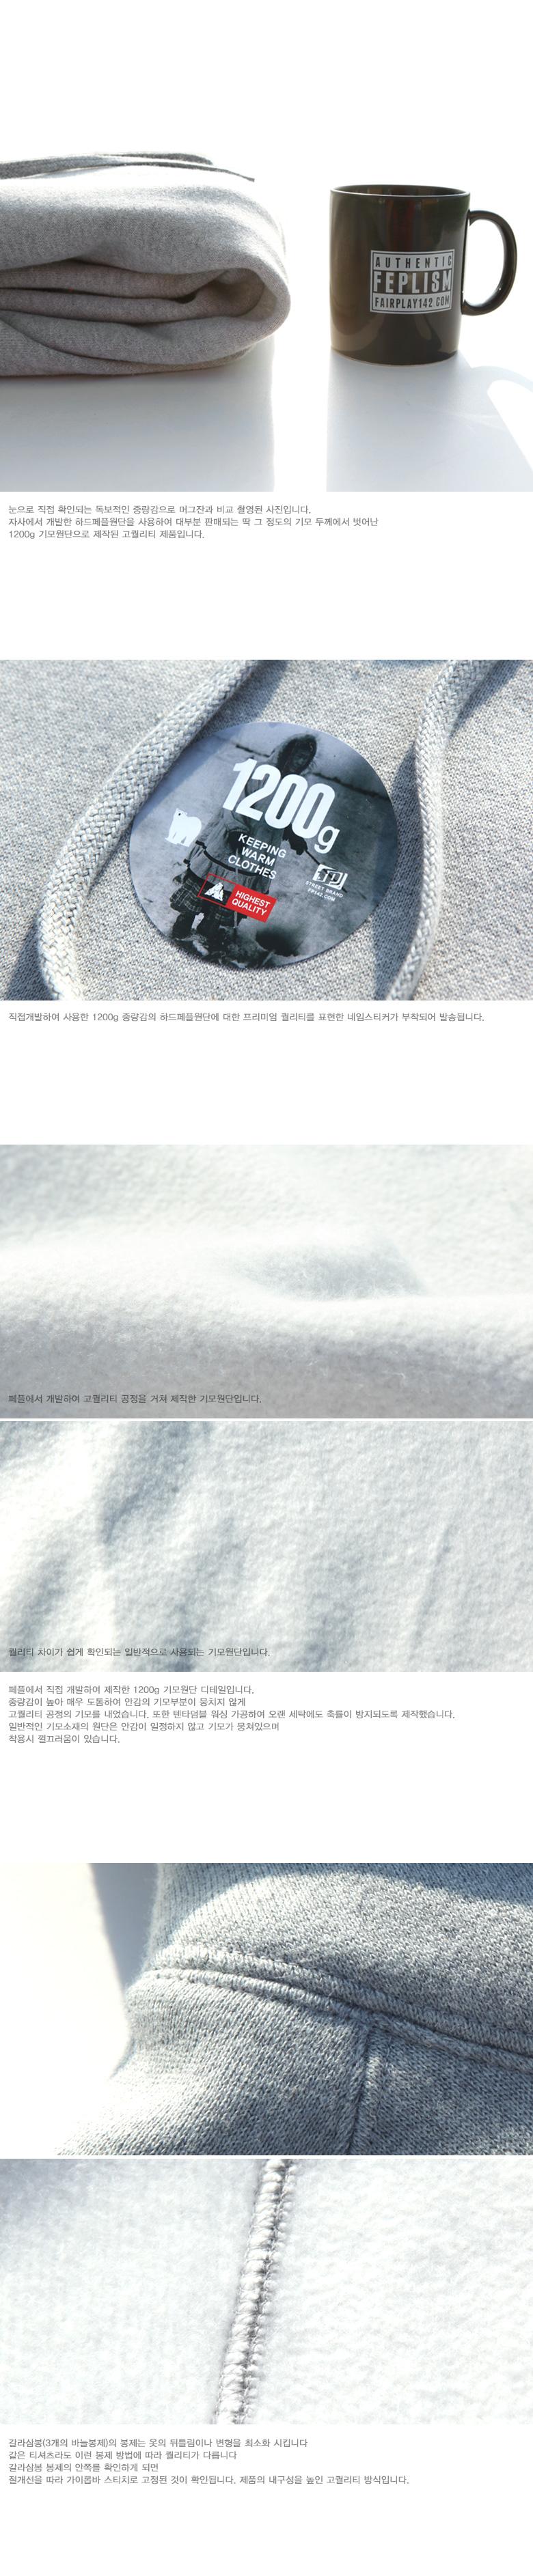 [페플] 1200G 노스베어 집업후드 5종 KHZU0775